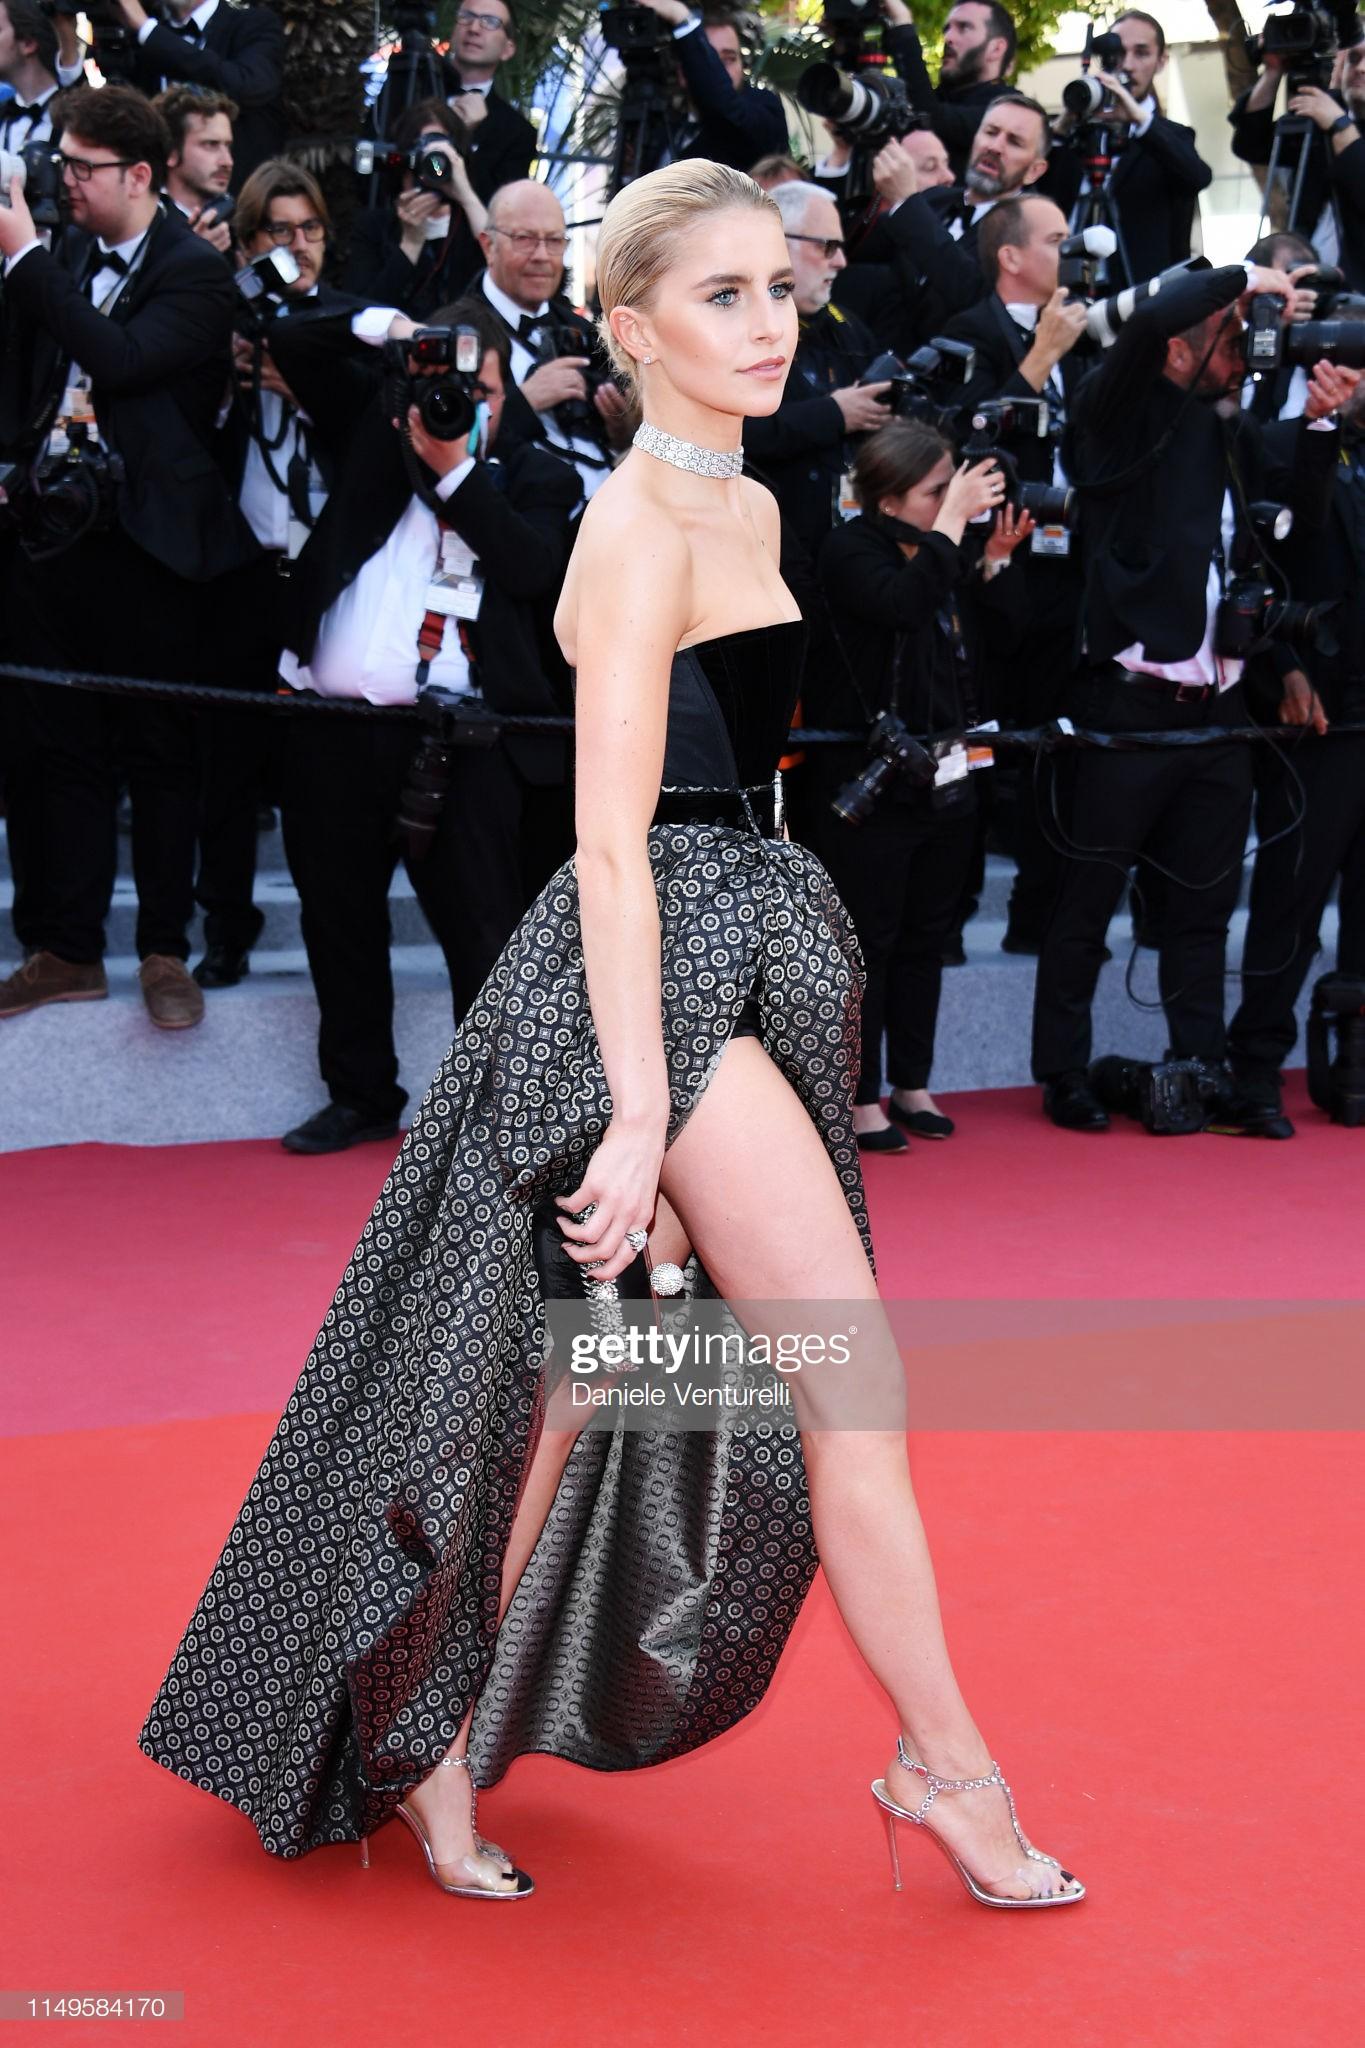 Thảm đỏ Cannes ngày 3: HLV The Face Thái Lan bất ngờ vùng lên chặt chém Bella Hadid cùng dàn mỹ nhân váy xẻ - Ảnh 28.